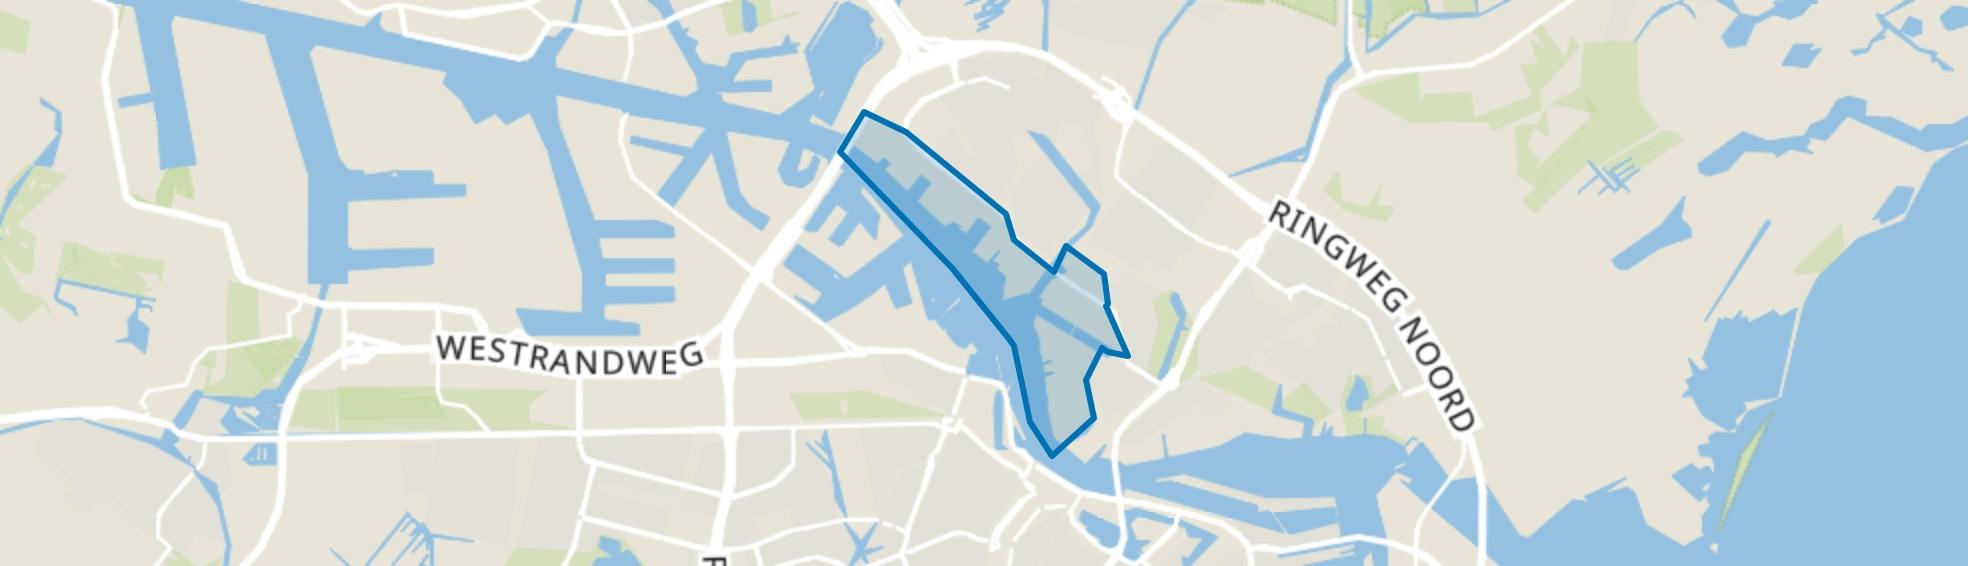 Noordelijke IJ-oevers West, Amsterdam map